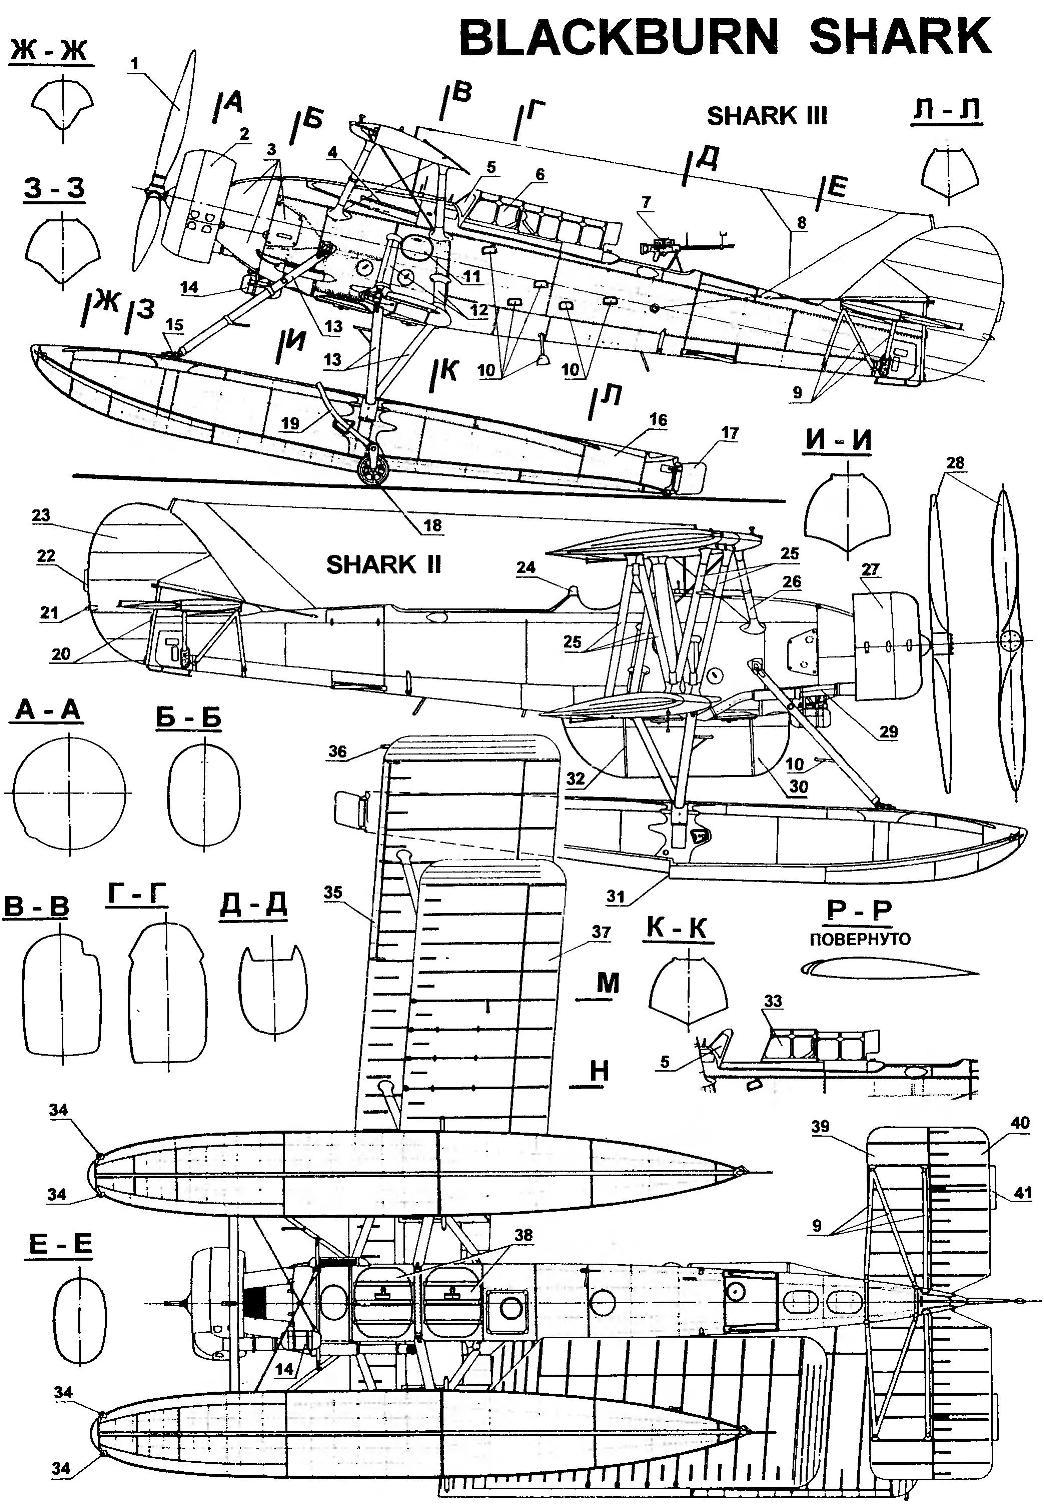 Разведчик-торпедоносец BLACKBURN SHARK